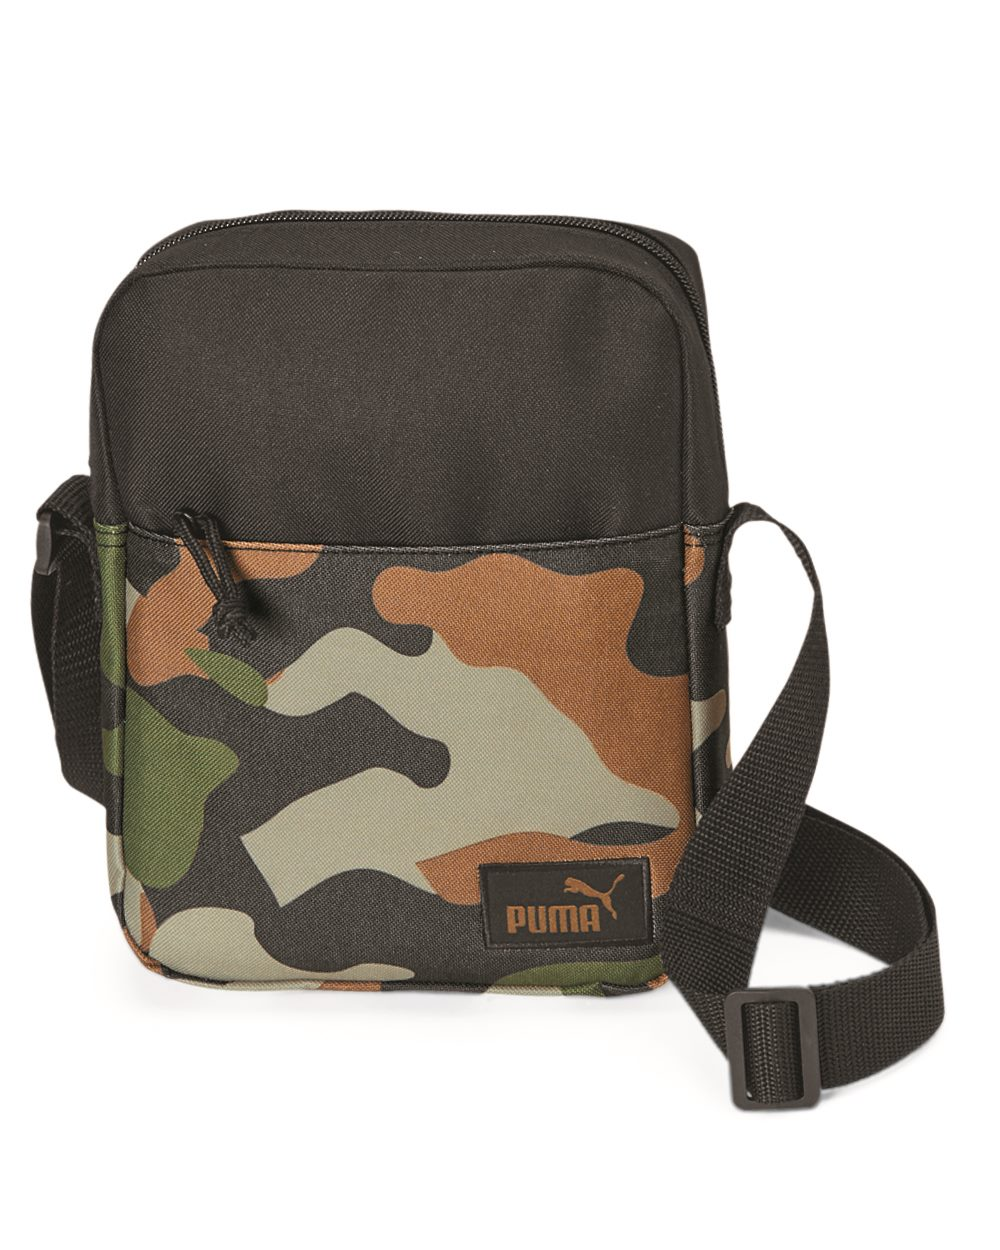 Puma PSC1044 - Crossover Bag